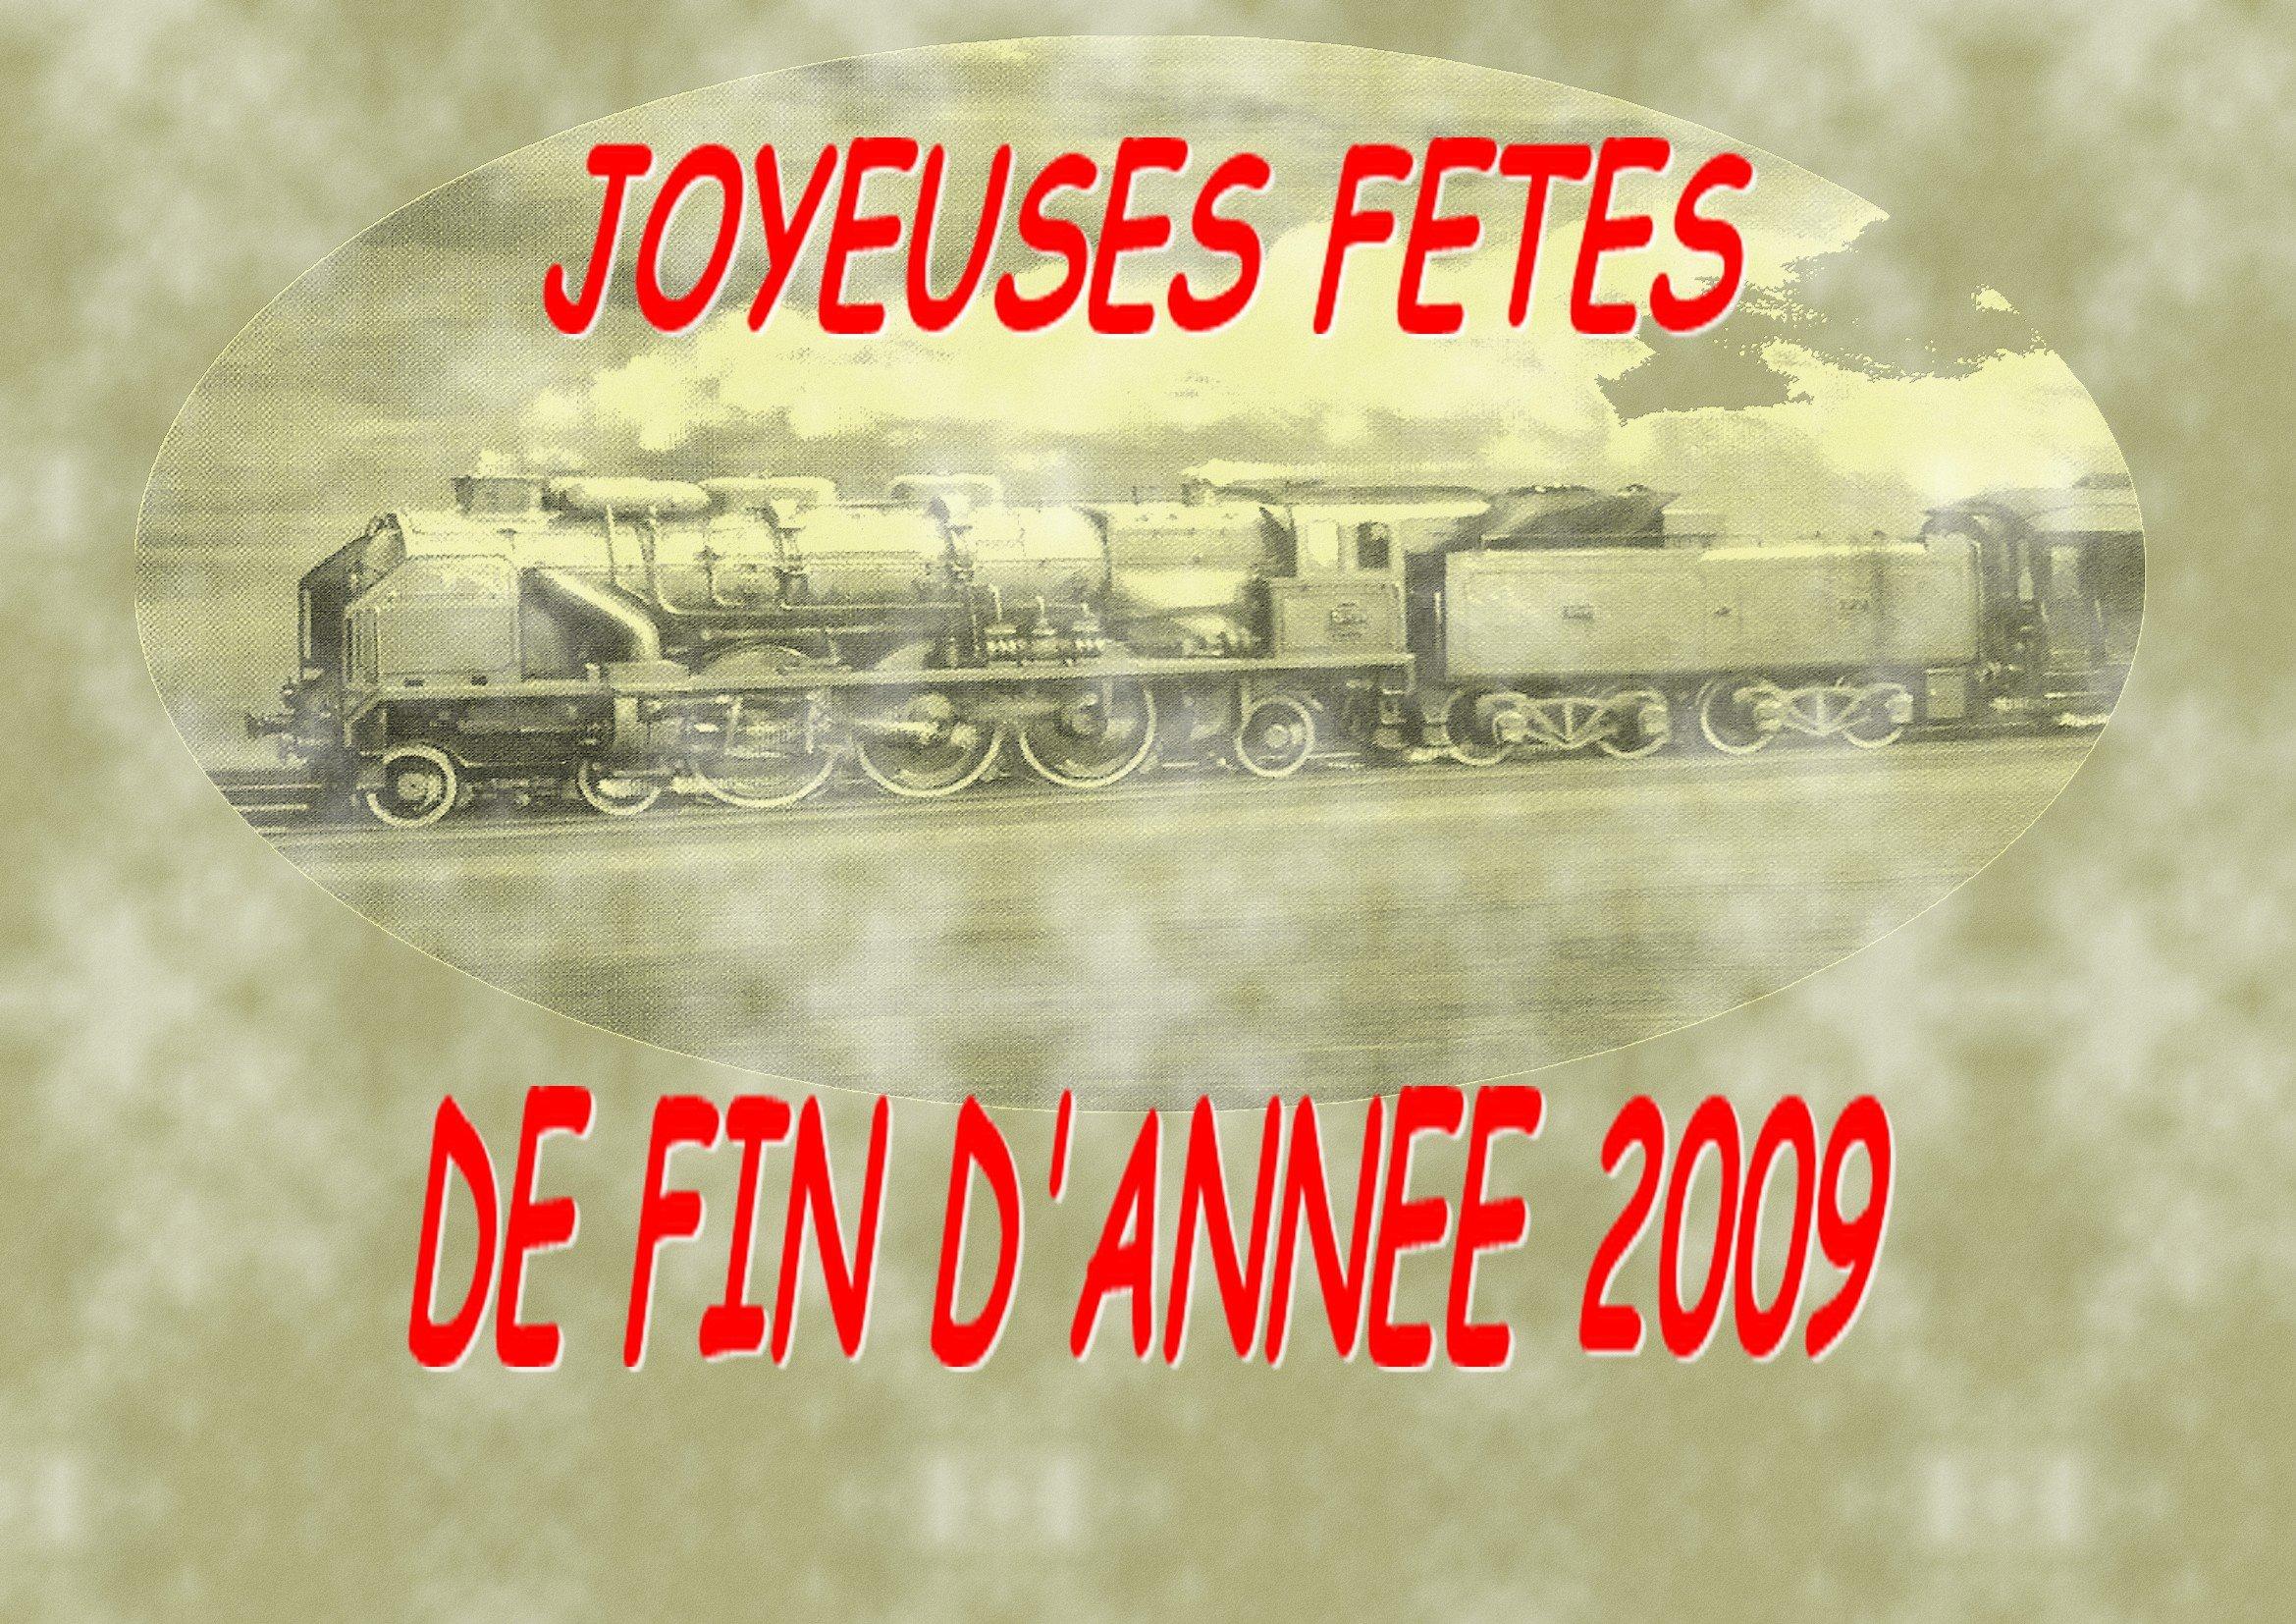 bonneanne2009.jpg